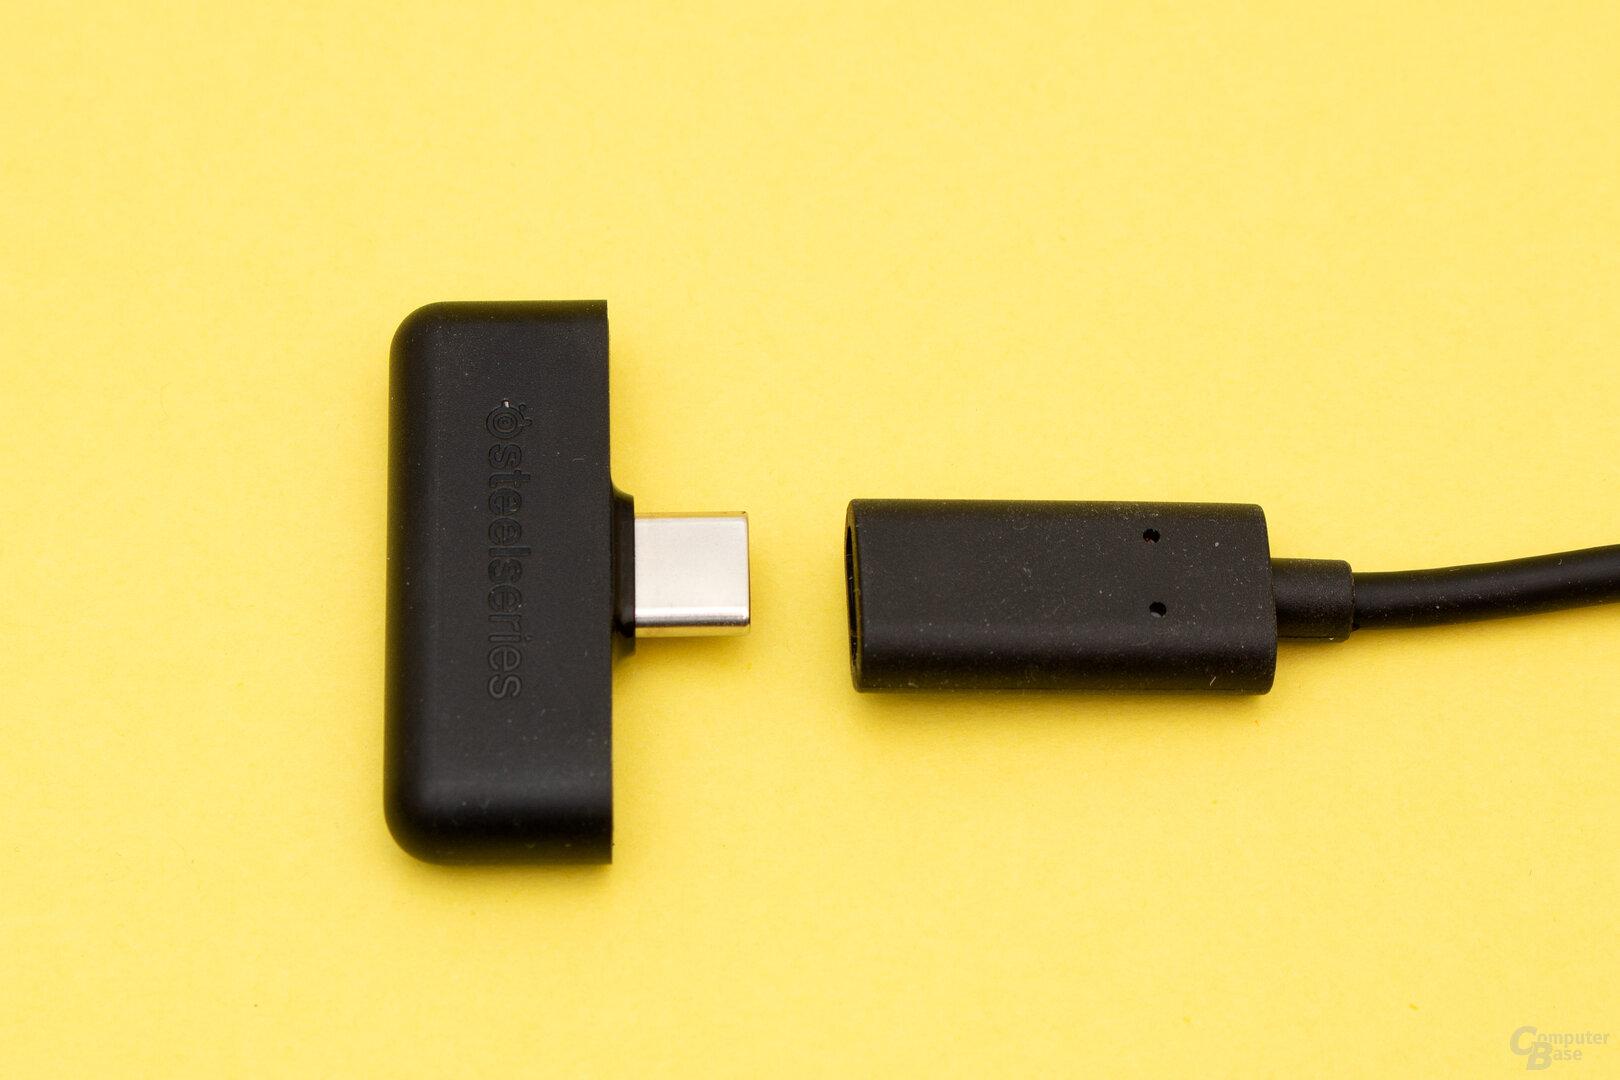 Der Funk-Dongle kann sowohl am PC wie auch an entsprechenden mobilen Geräten verwendet werden